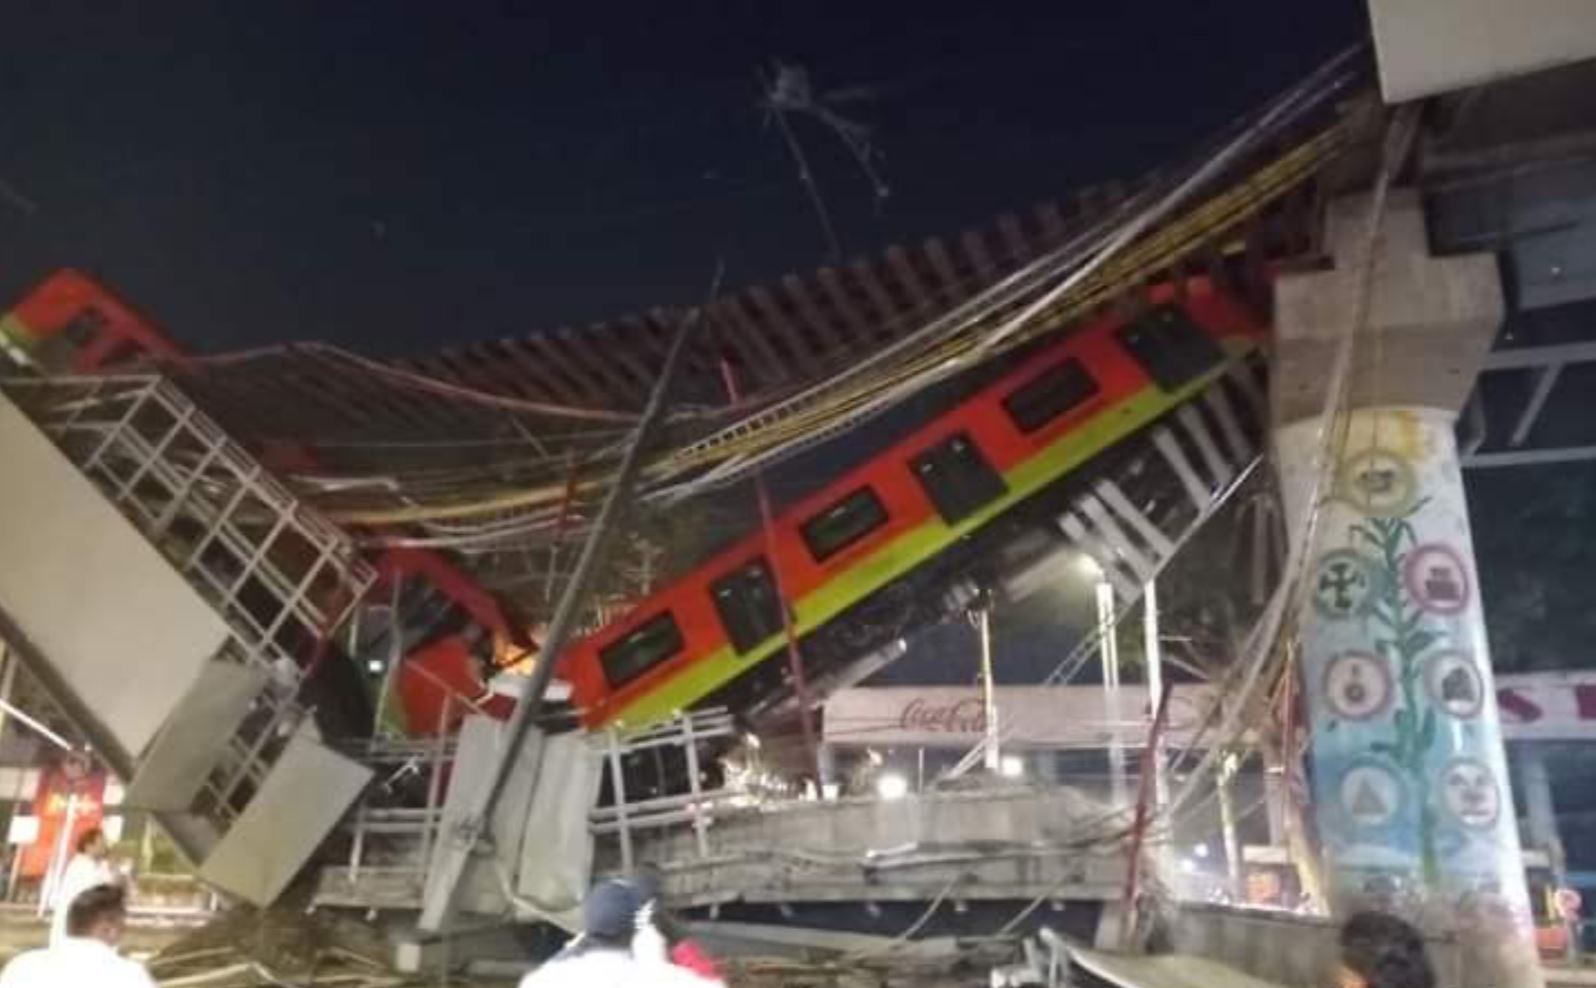 VIDEO. Tragedie în Mexic. Cel puțin 20 oameni au murit într-un accident la metroul suspendat din capitală